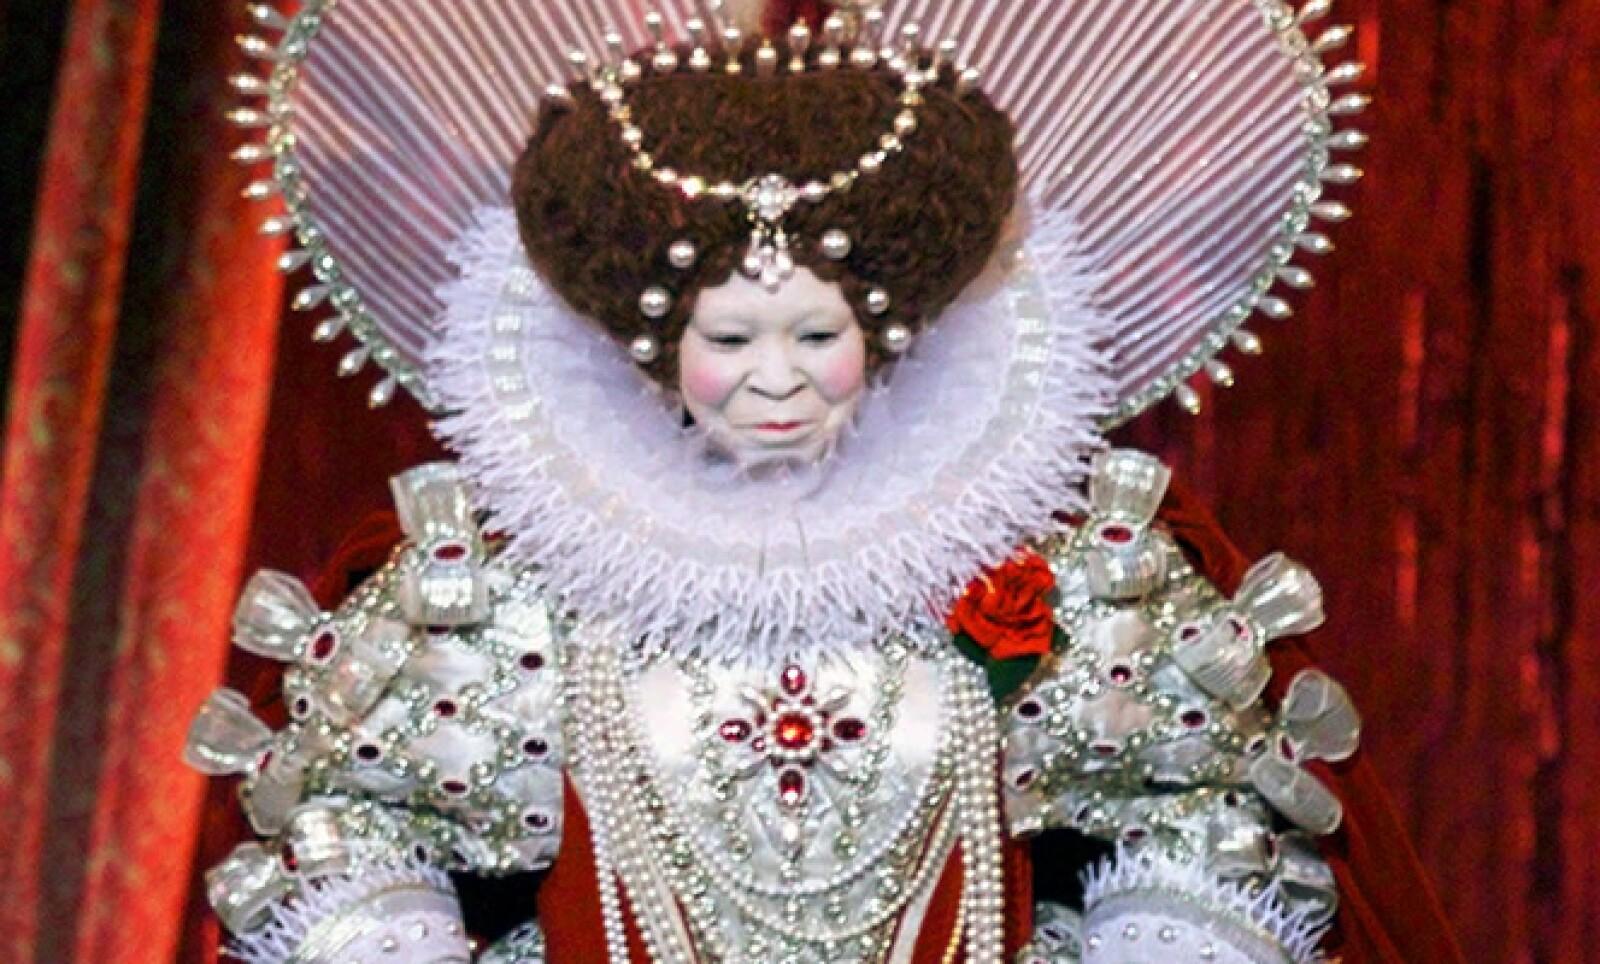 En la entrega número 71 de los Oscar, en 1999, Whoopi Goldberg fue la maestra de ceremonias. Apareció con un disfraz de la Reina Elizabeth.  Dame Judi Dench y Cate Blanchett estaban nominadas por interpretar a la monarca.